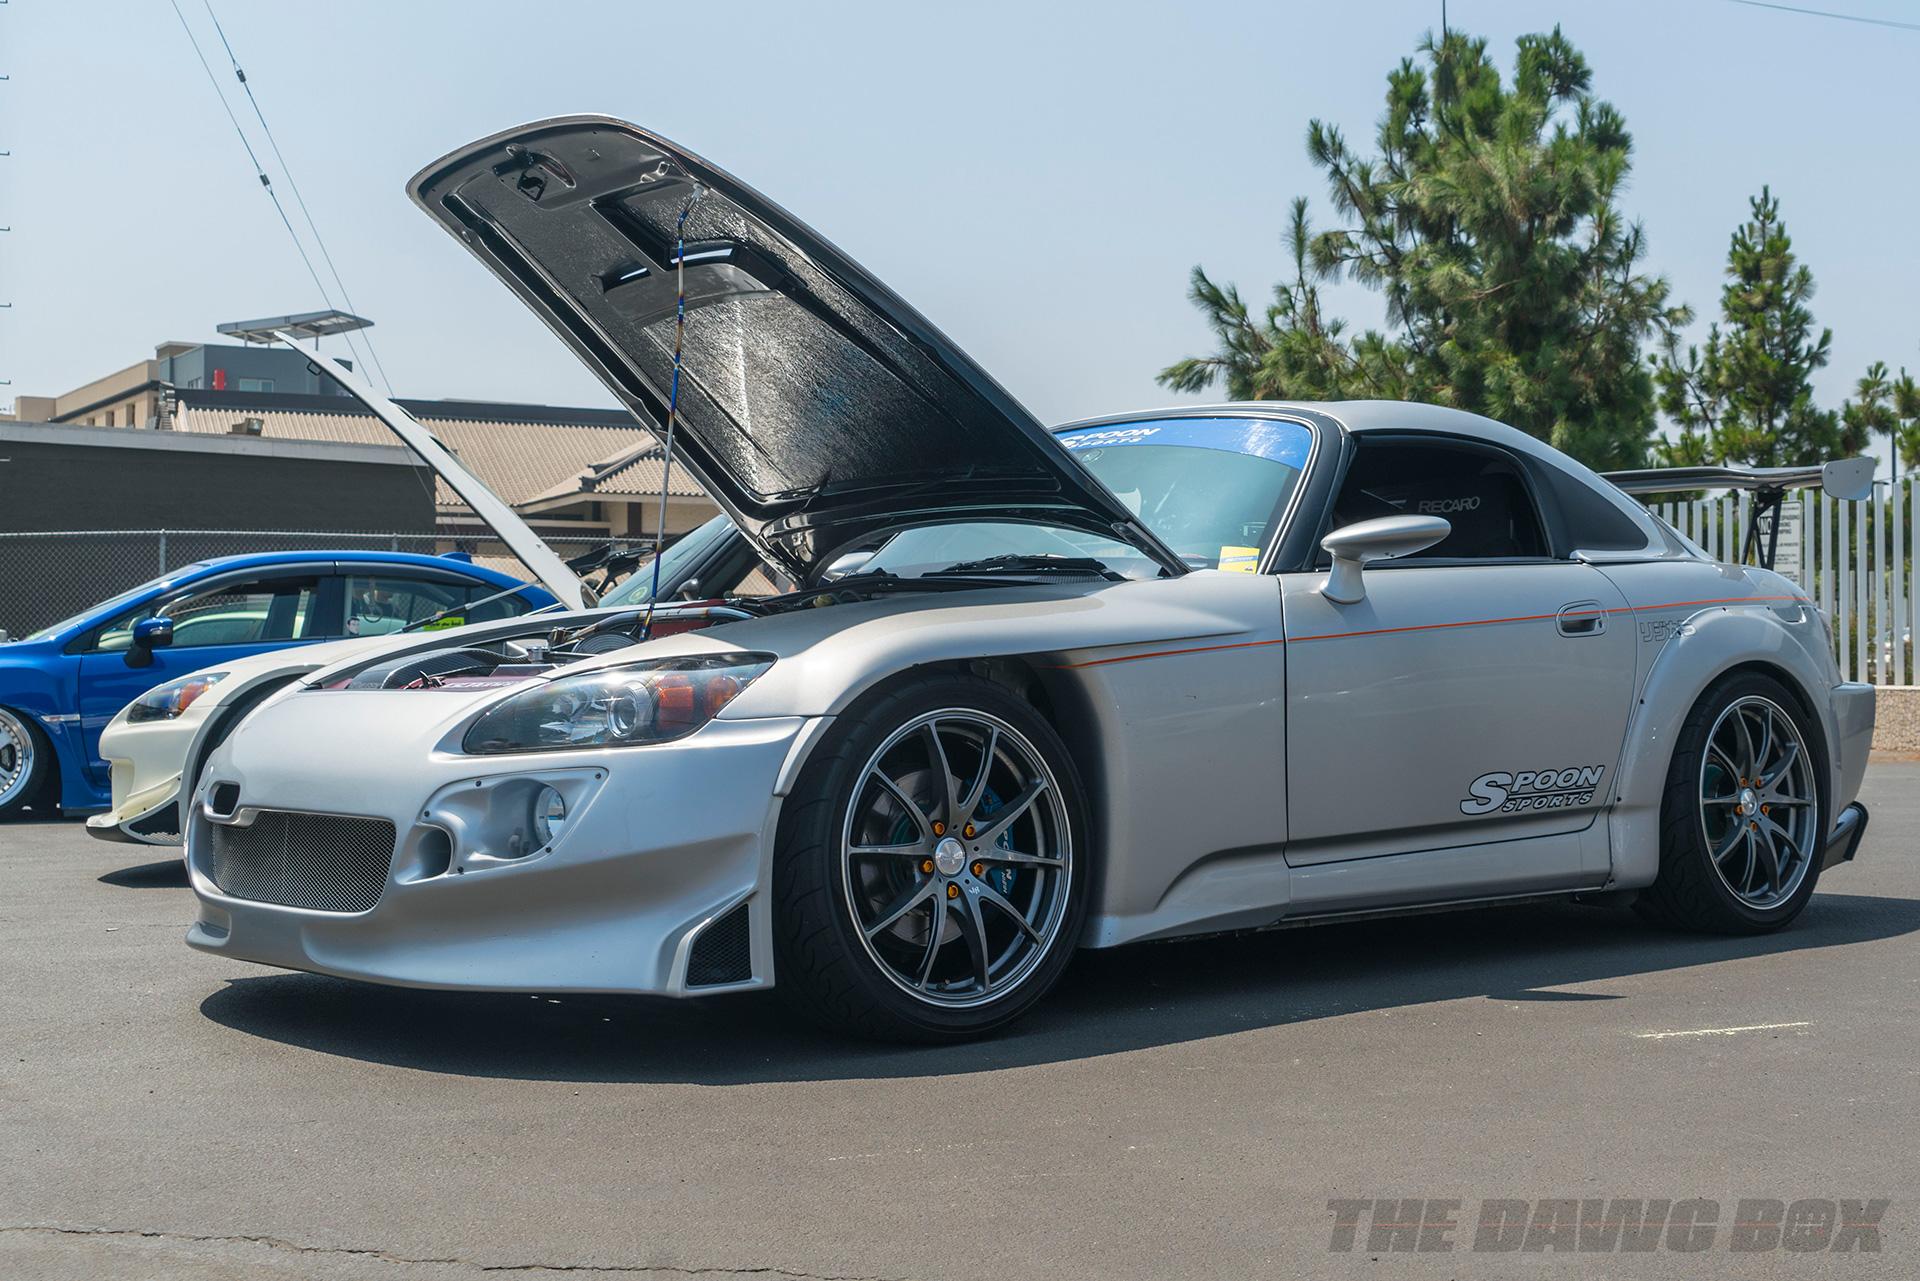 Nisei Week Car Show, S2000